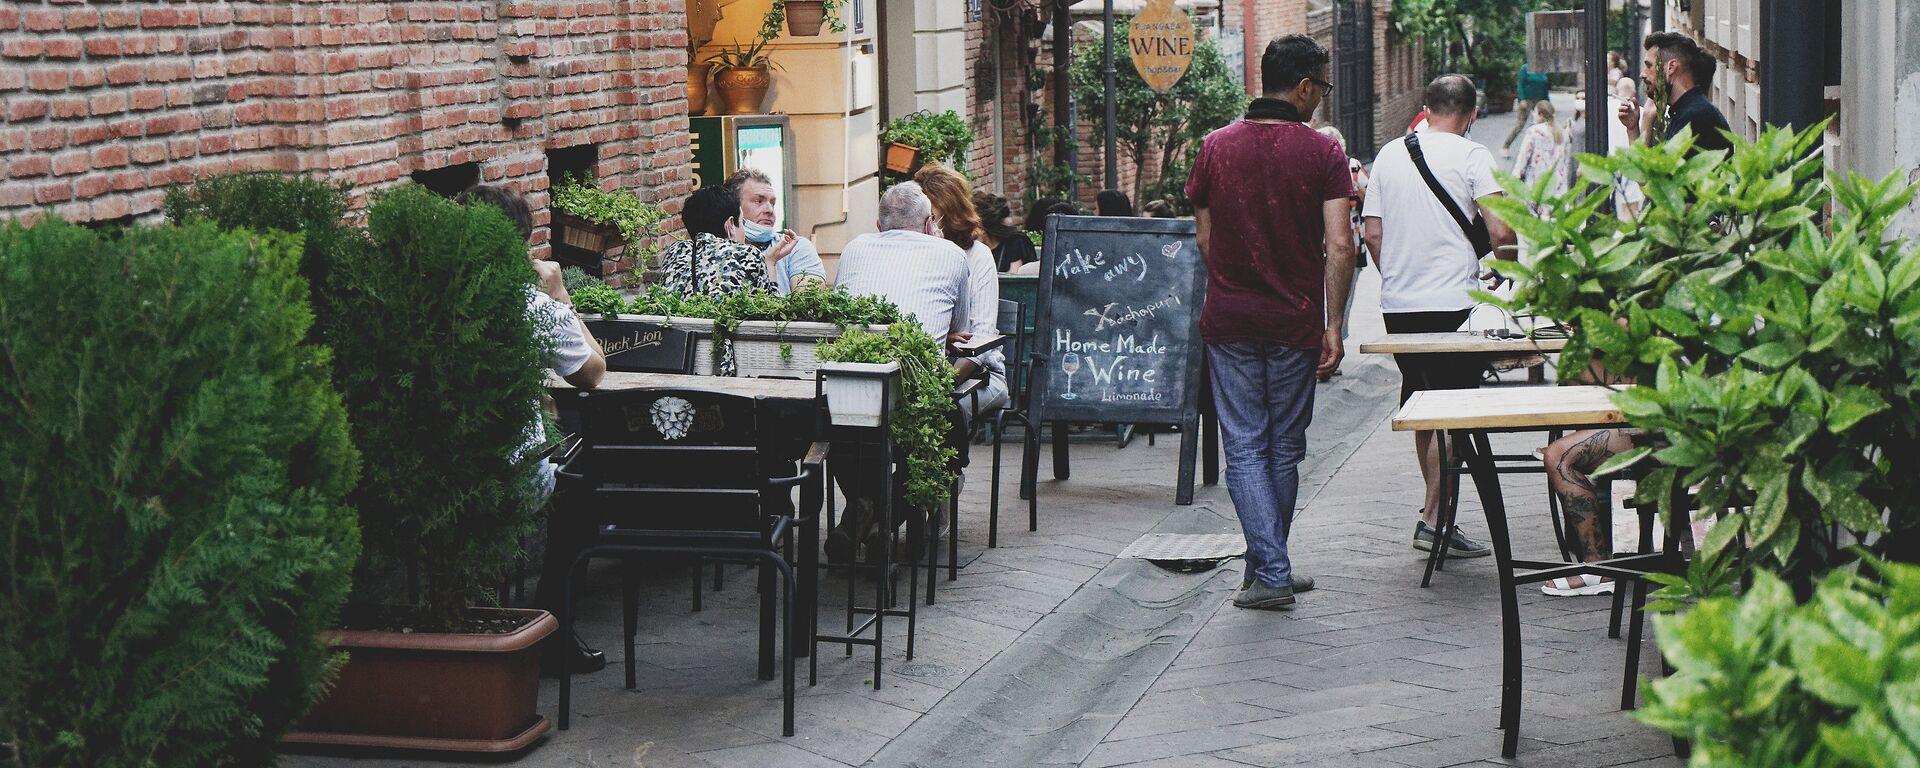 Кафе и рестораны под открытым небом - эпидемия коронавируса посетители и официанты в масках - Sputnik Грузия, 1920, 02.06.2021